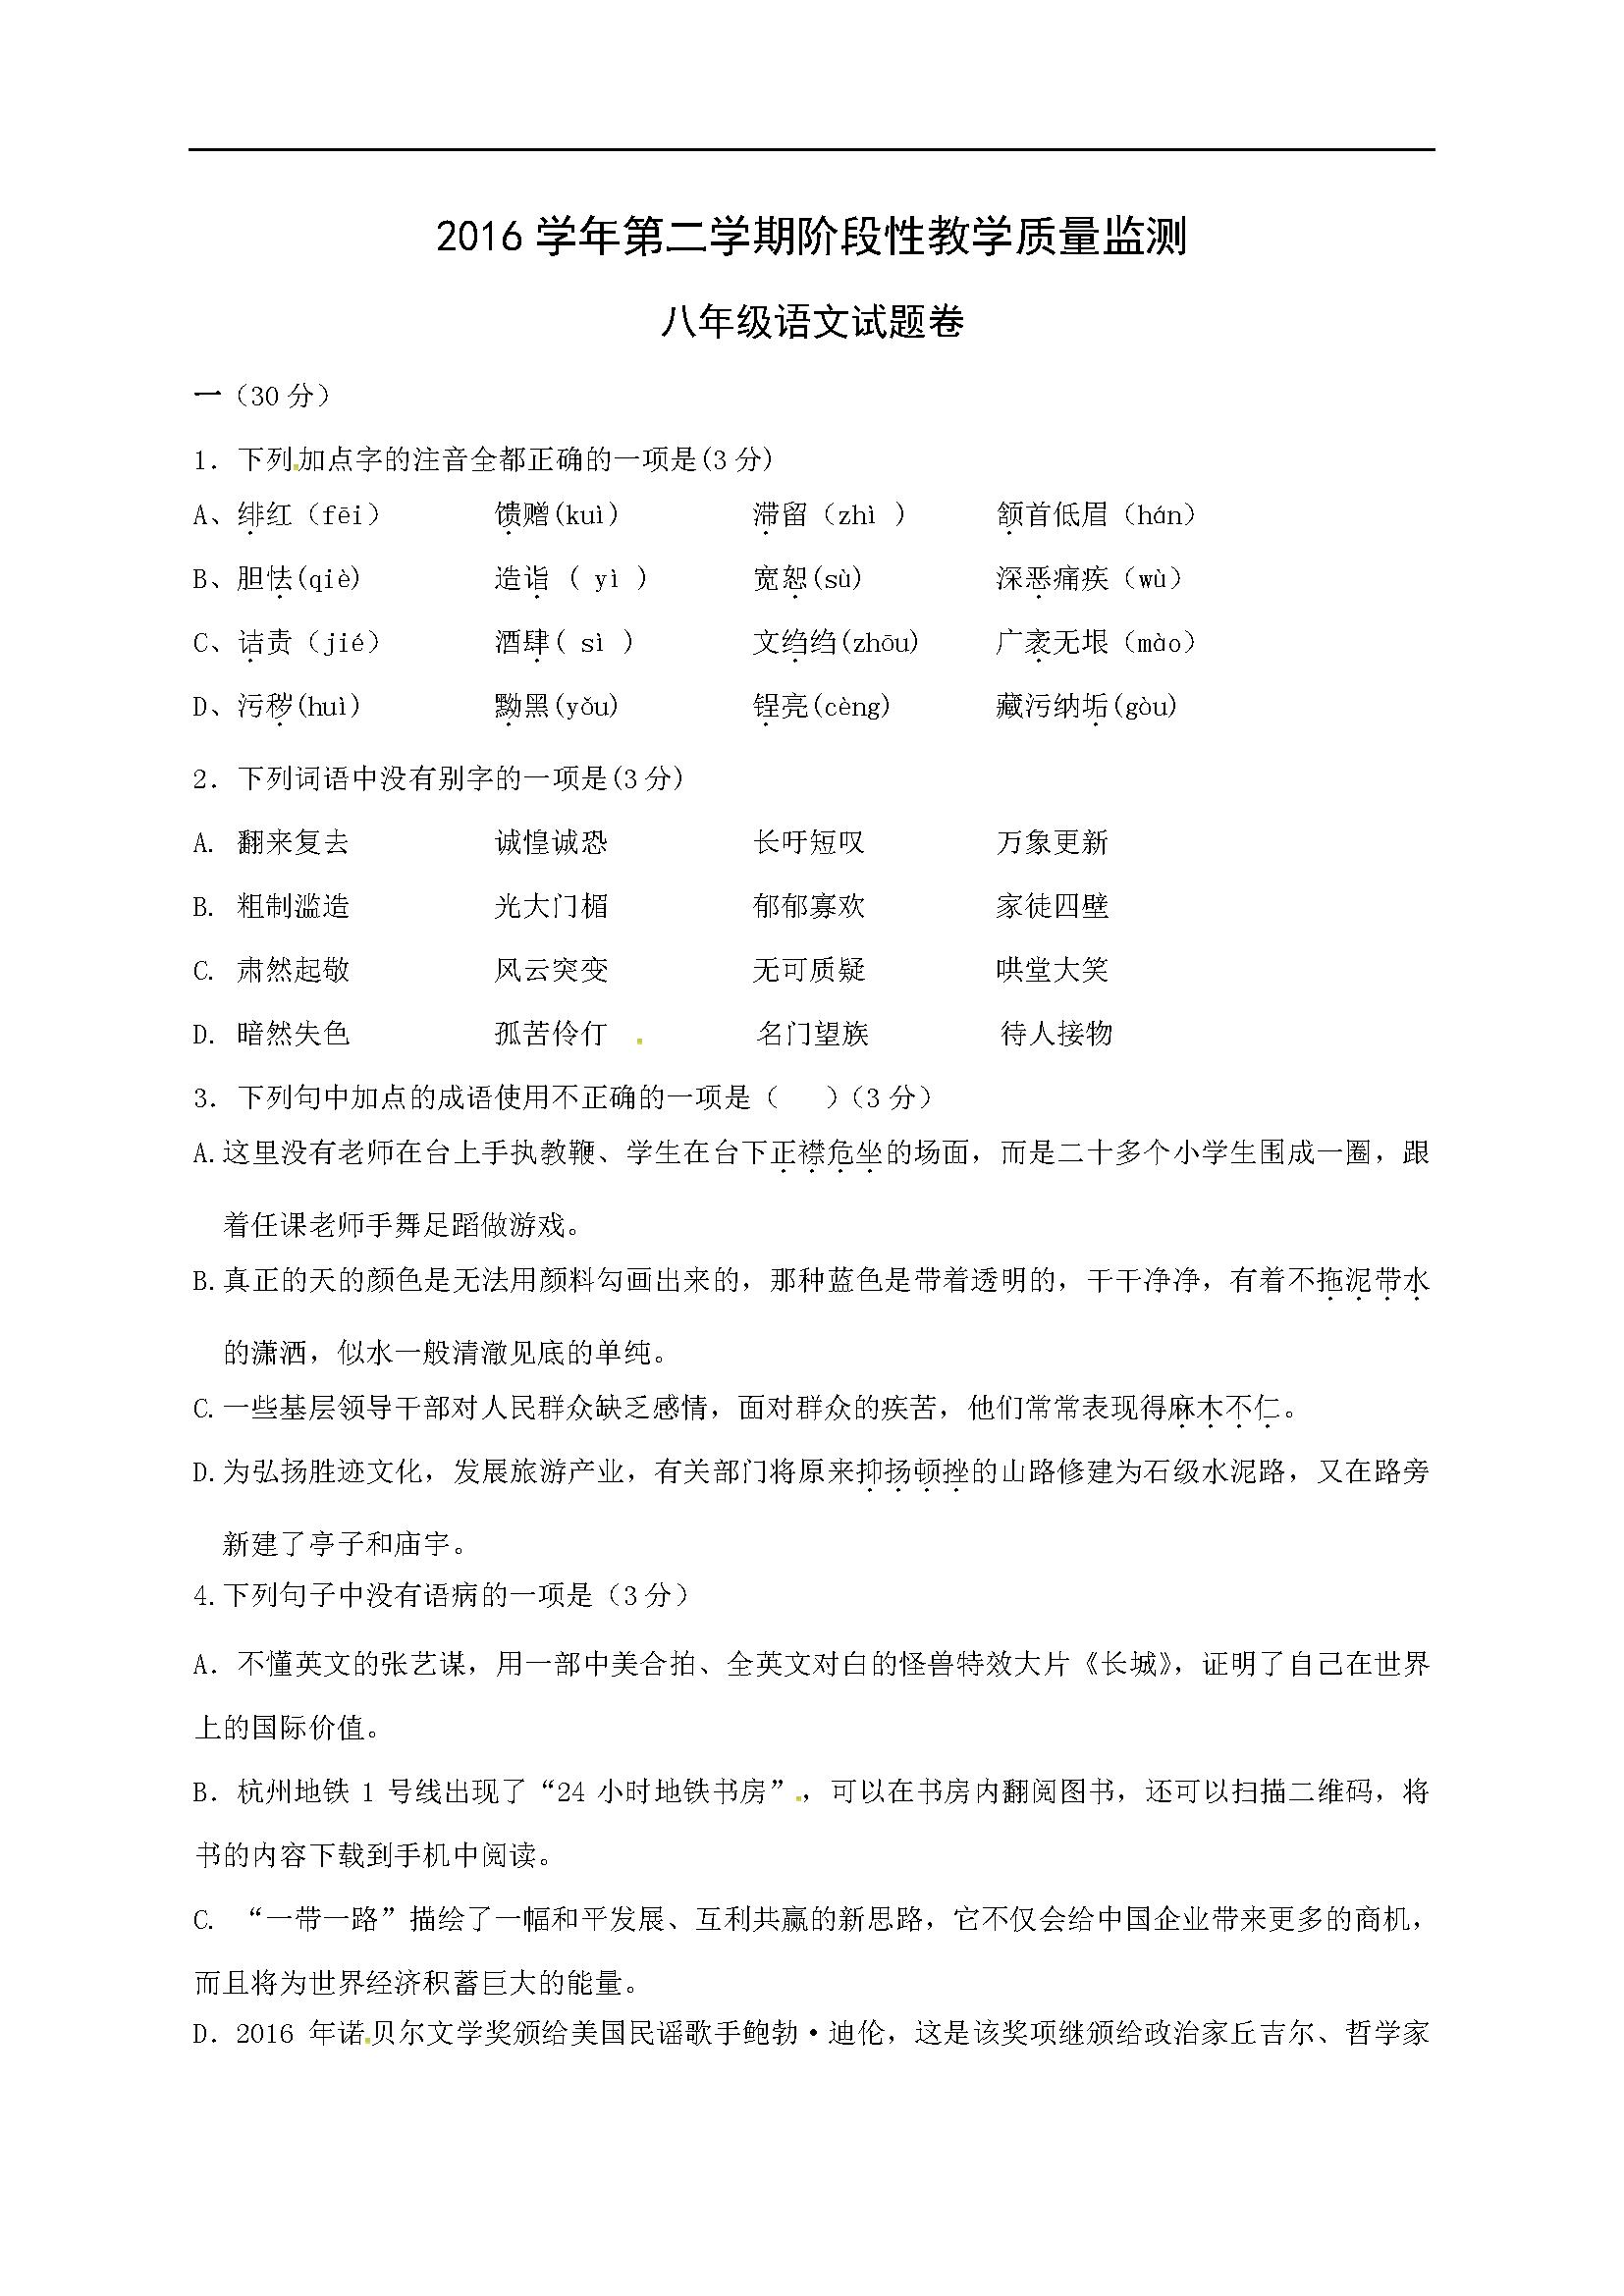 浙江杭州2016-2017学年八年级3月月考语文试题(图片版)